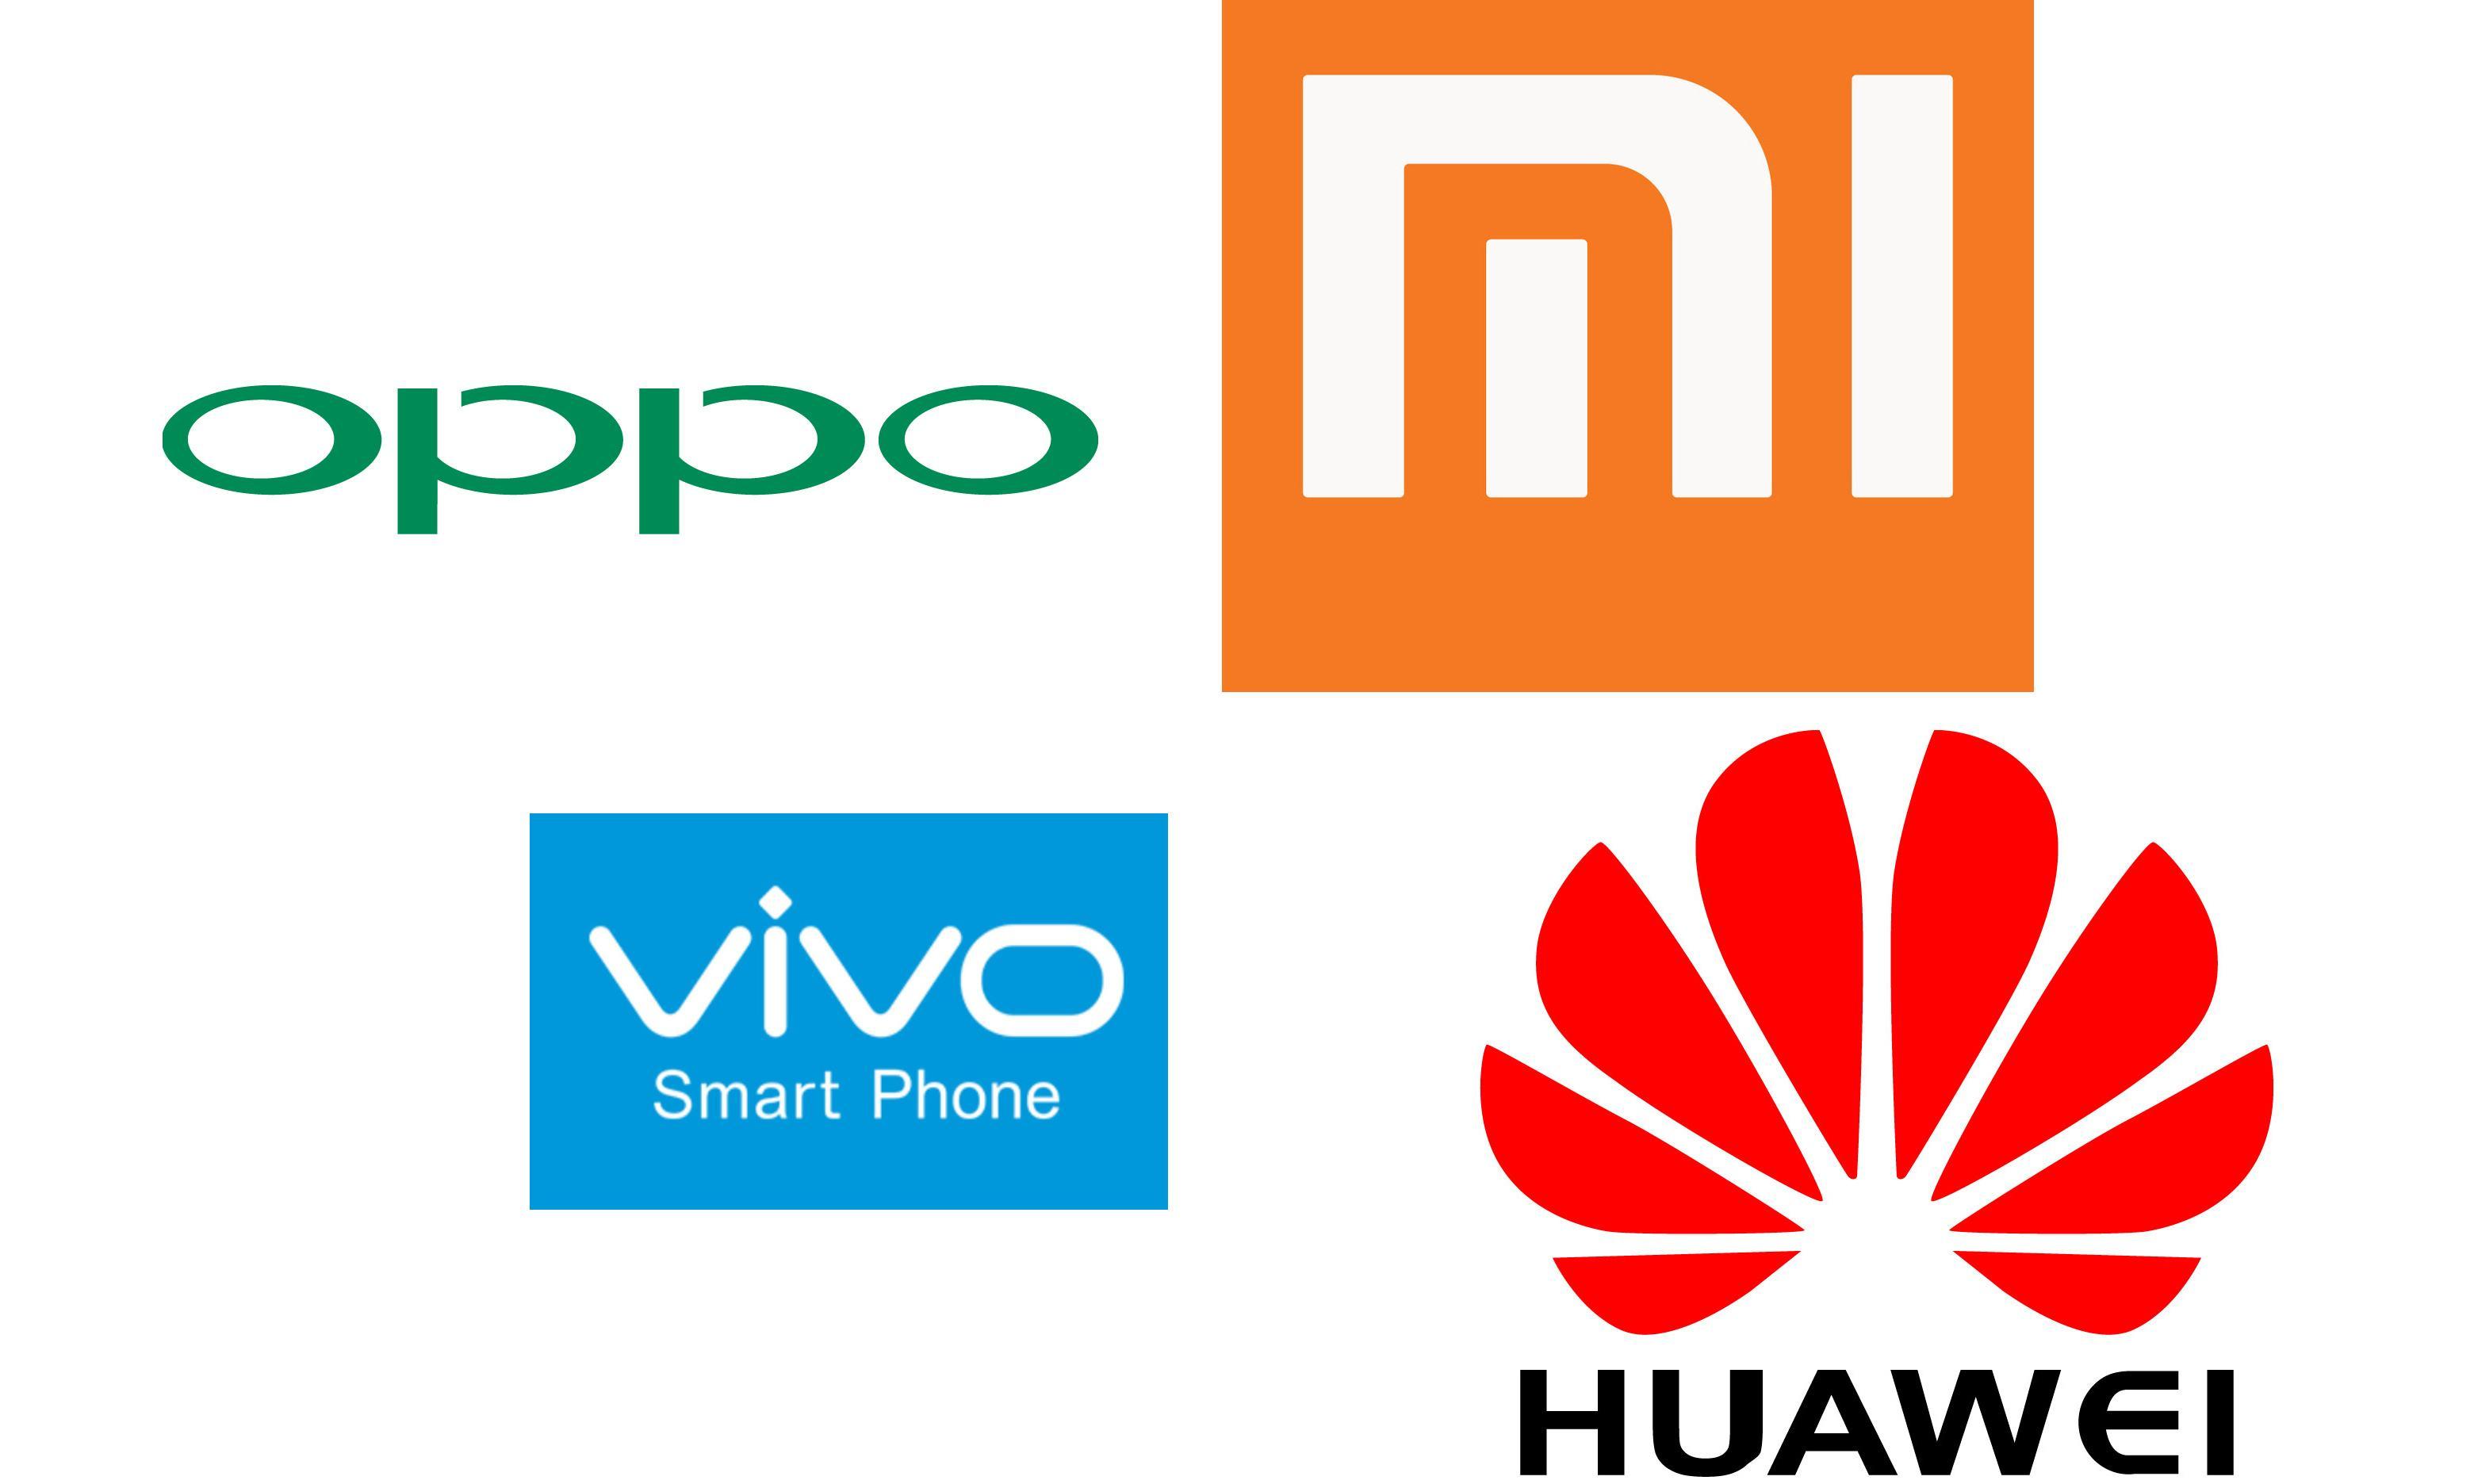 2019中国智能手机市场生变,什么才是厂商竞争的核心?